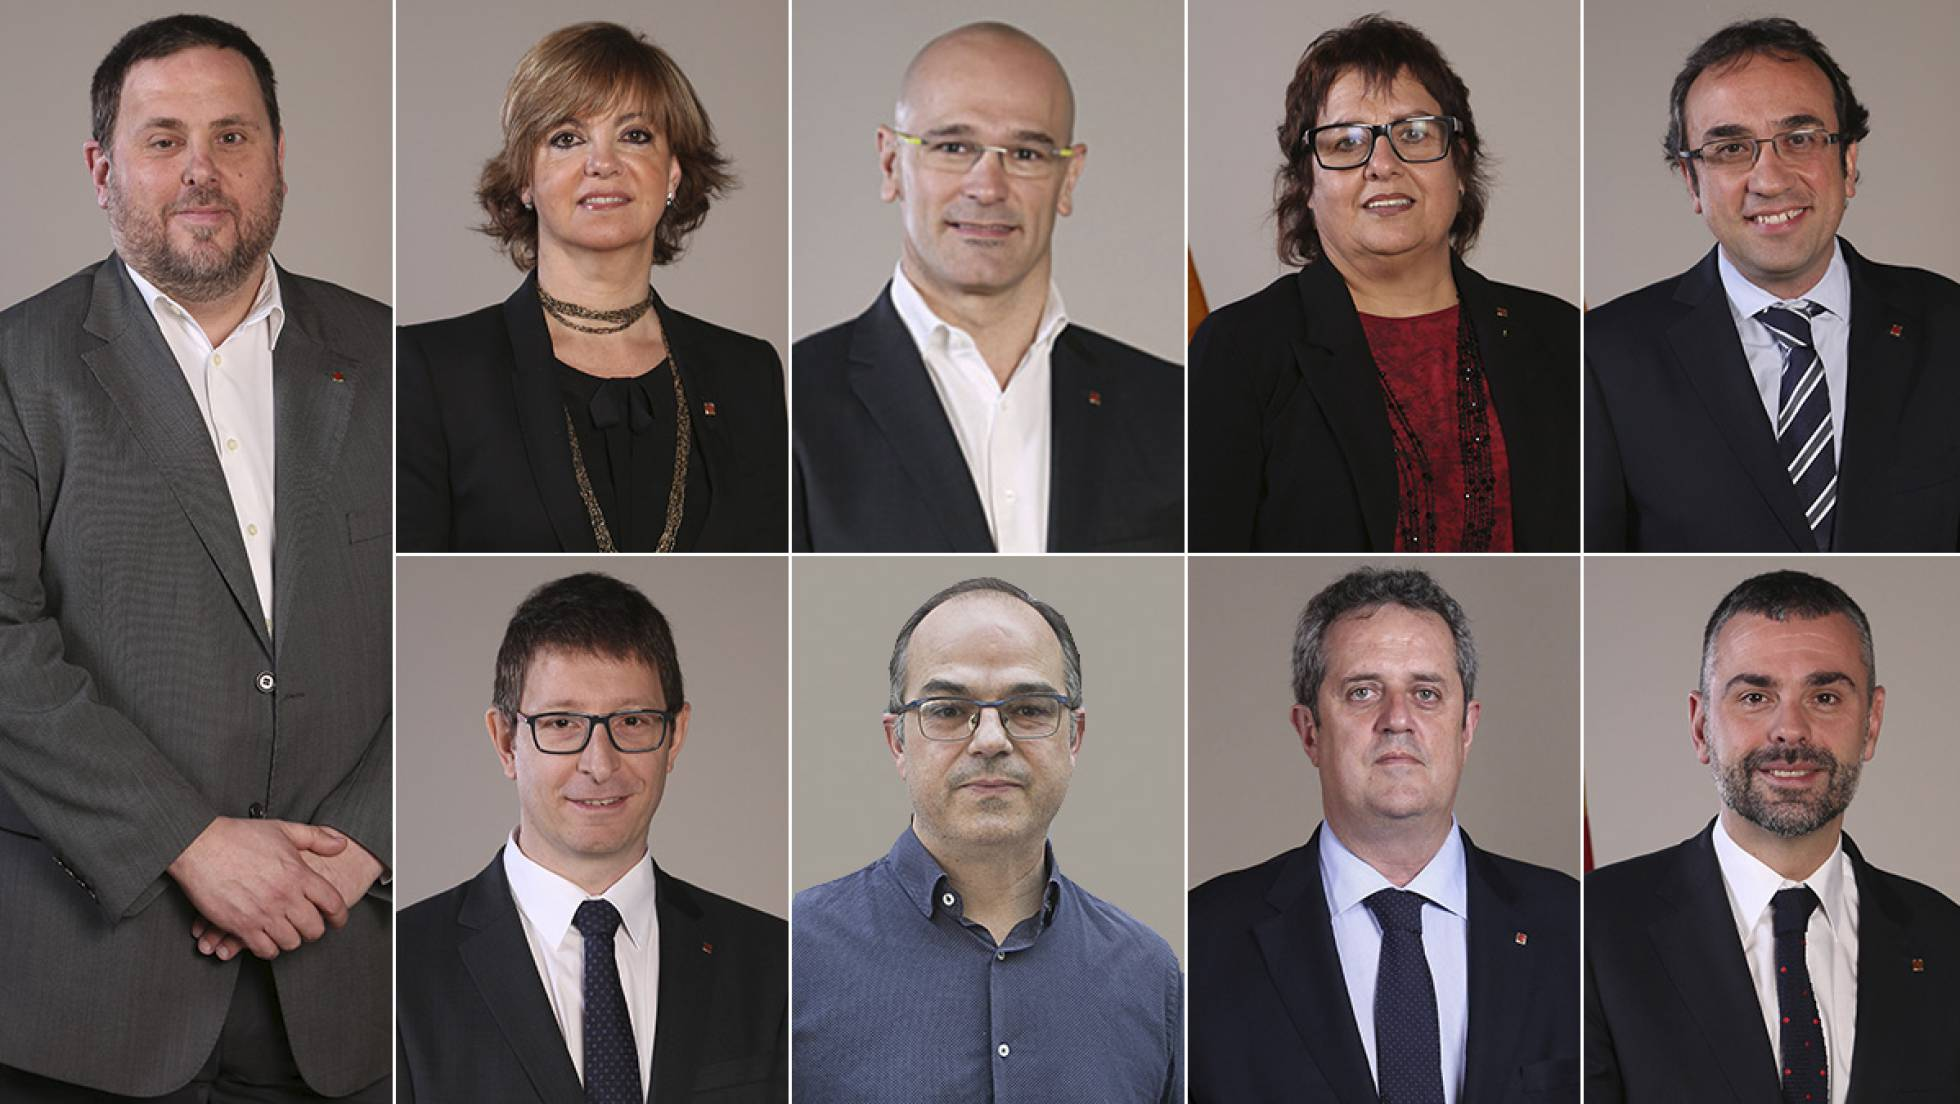 El Govern de Puigdemont, entre la cárcel y Bruselas 1509638581_049331_1509641867_noticia_normal_recorte1